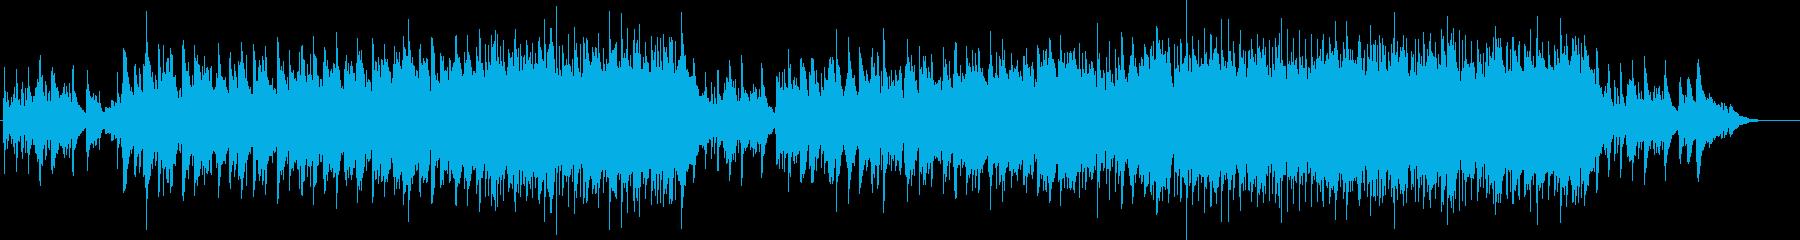 リリシズムとロマンのフュージョンバラードの再生済みの波形